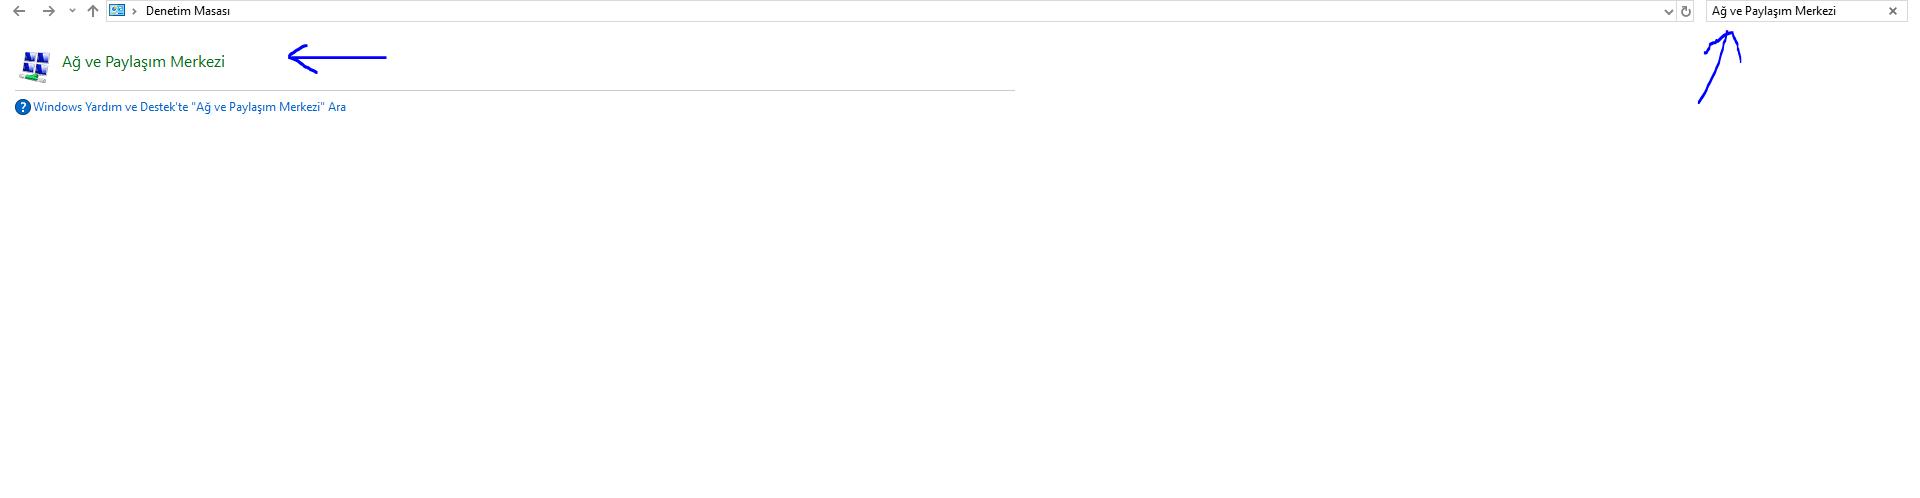 Windows 10'da DNS Adresleri Nasıl Değiştirilir?